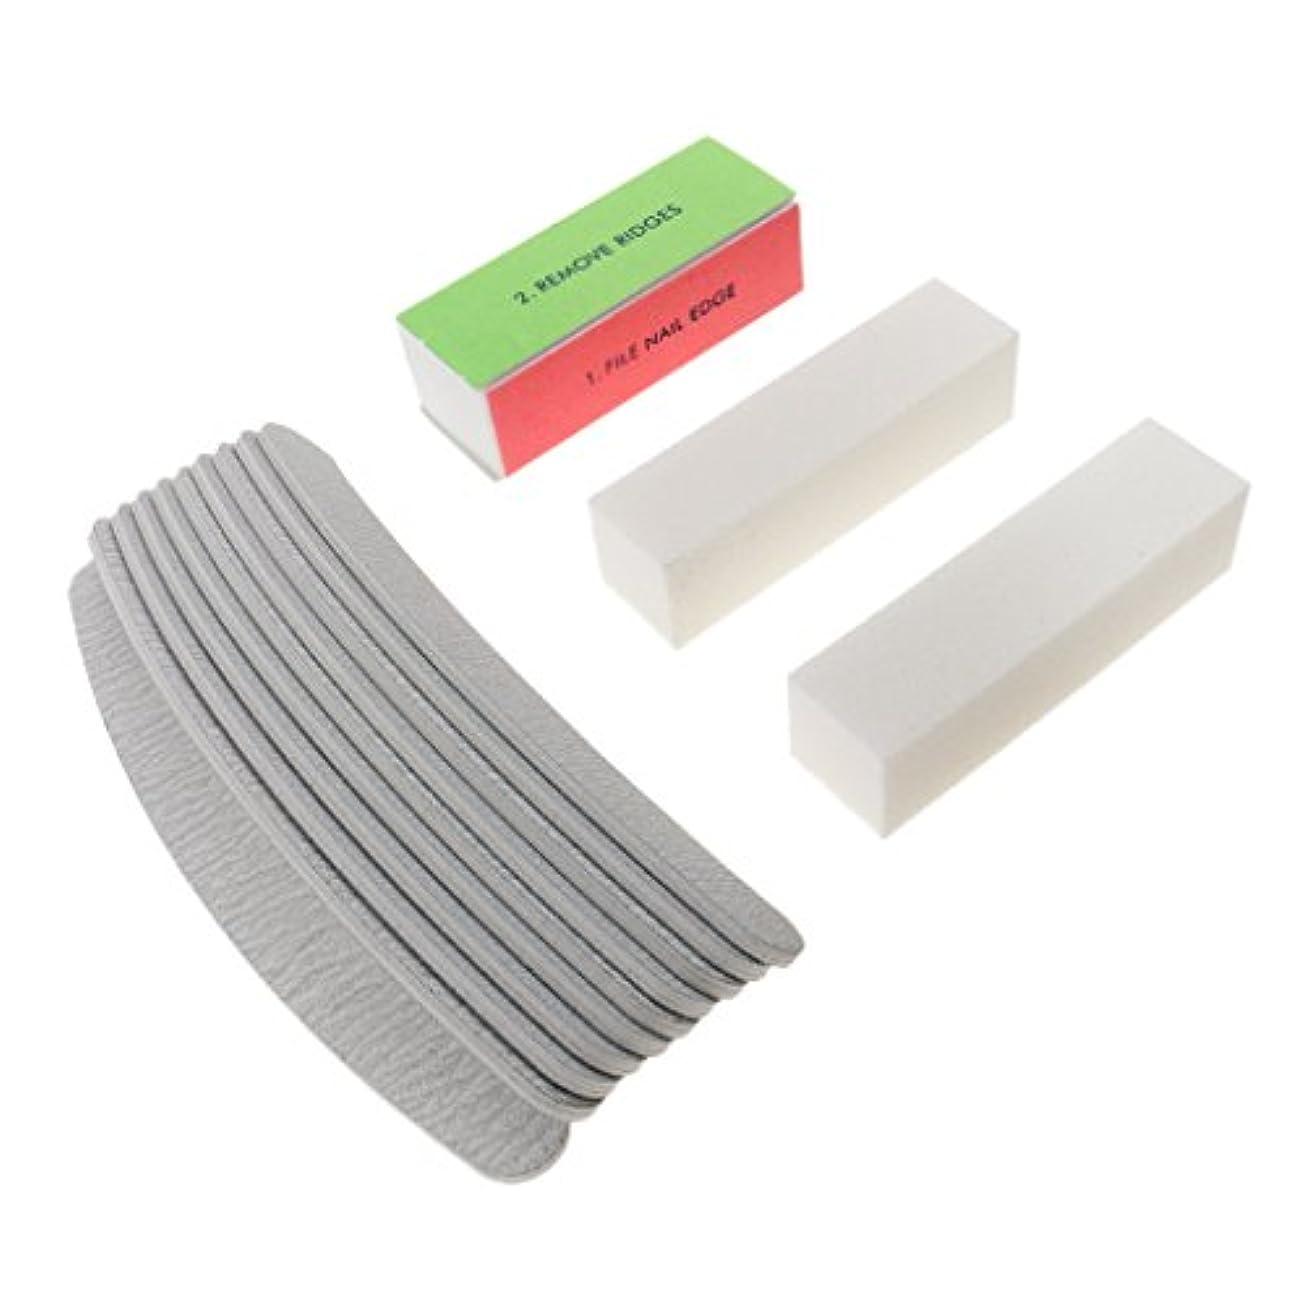 買い物に行くスカーフ拳DYNWAVE ネイルアートチップ研磨用13個の4つのスタイルのサロンネイルファイルサンドバッファ - Cグレー